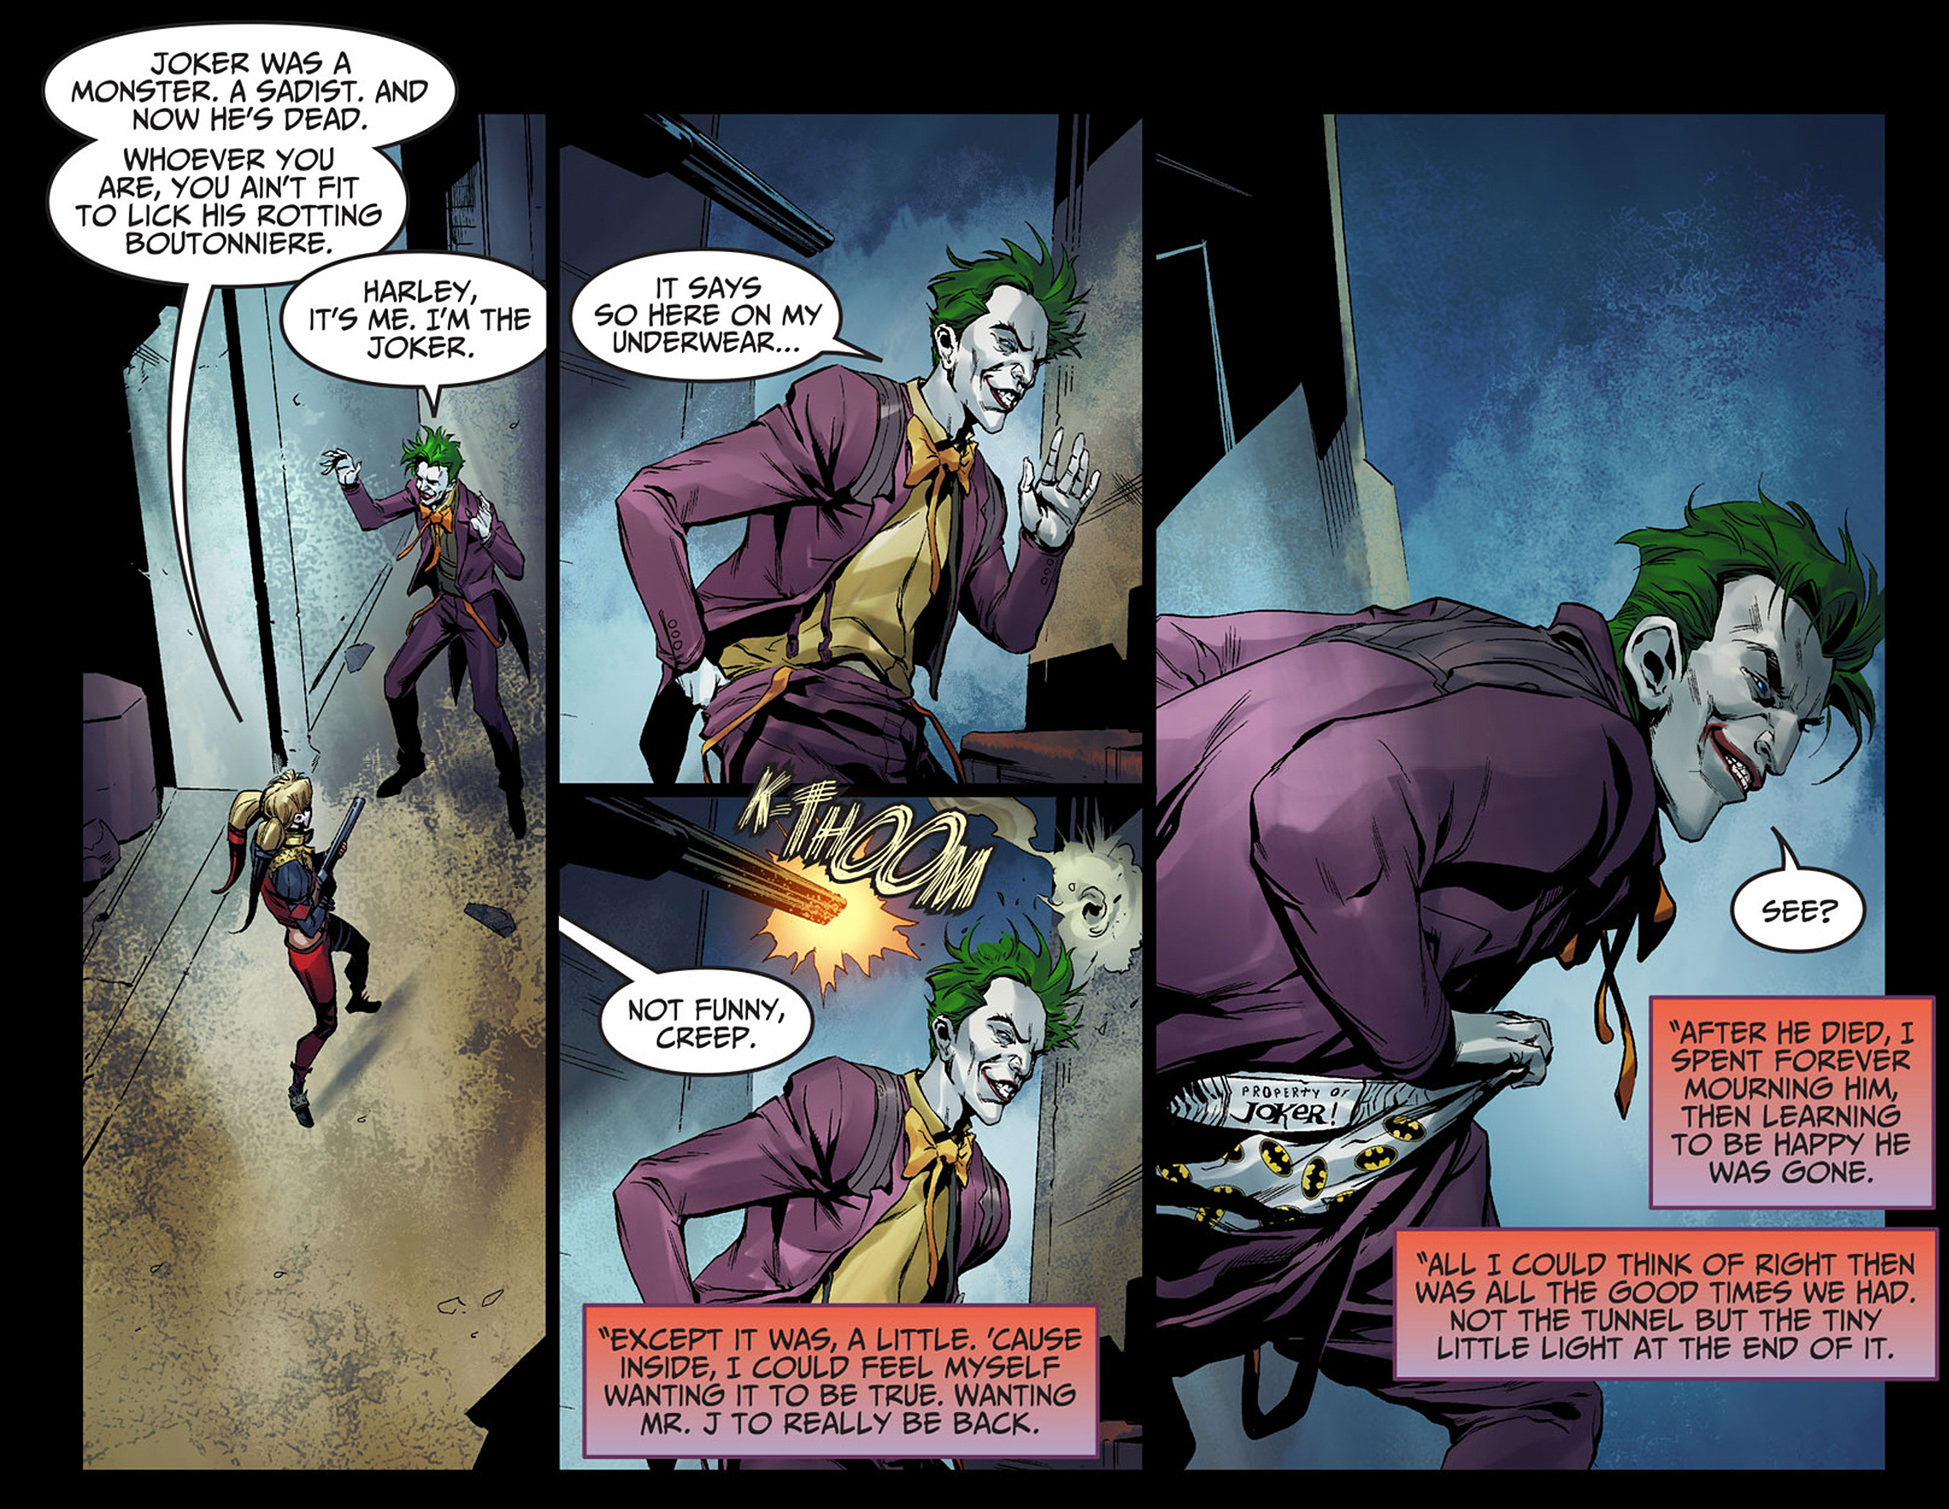 harley-quinn-vs-the-joker-injustice-gods-among-us